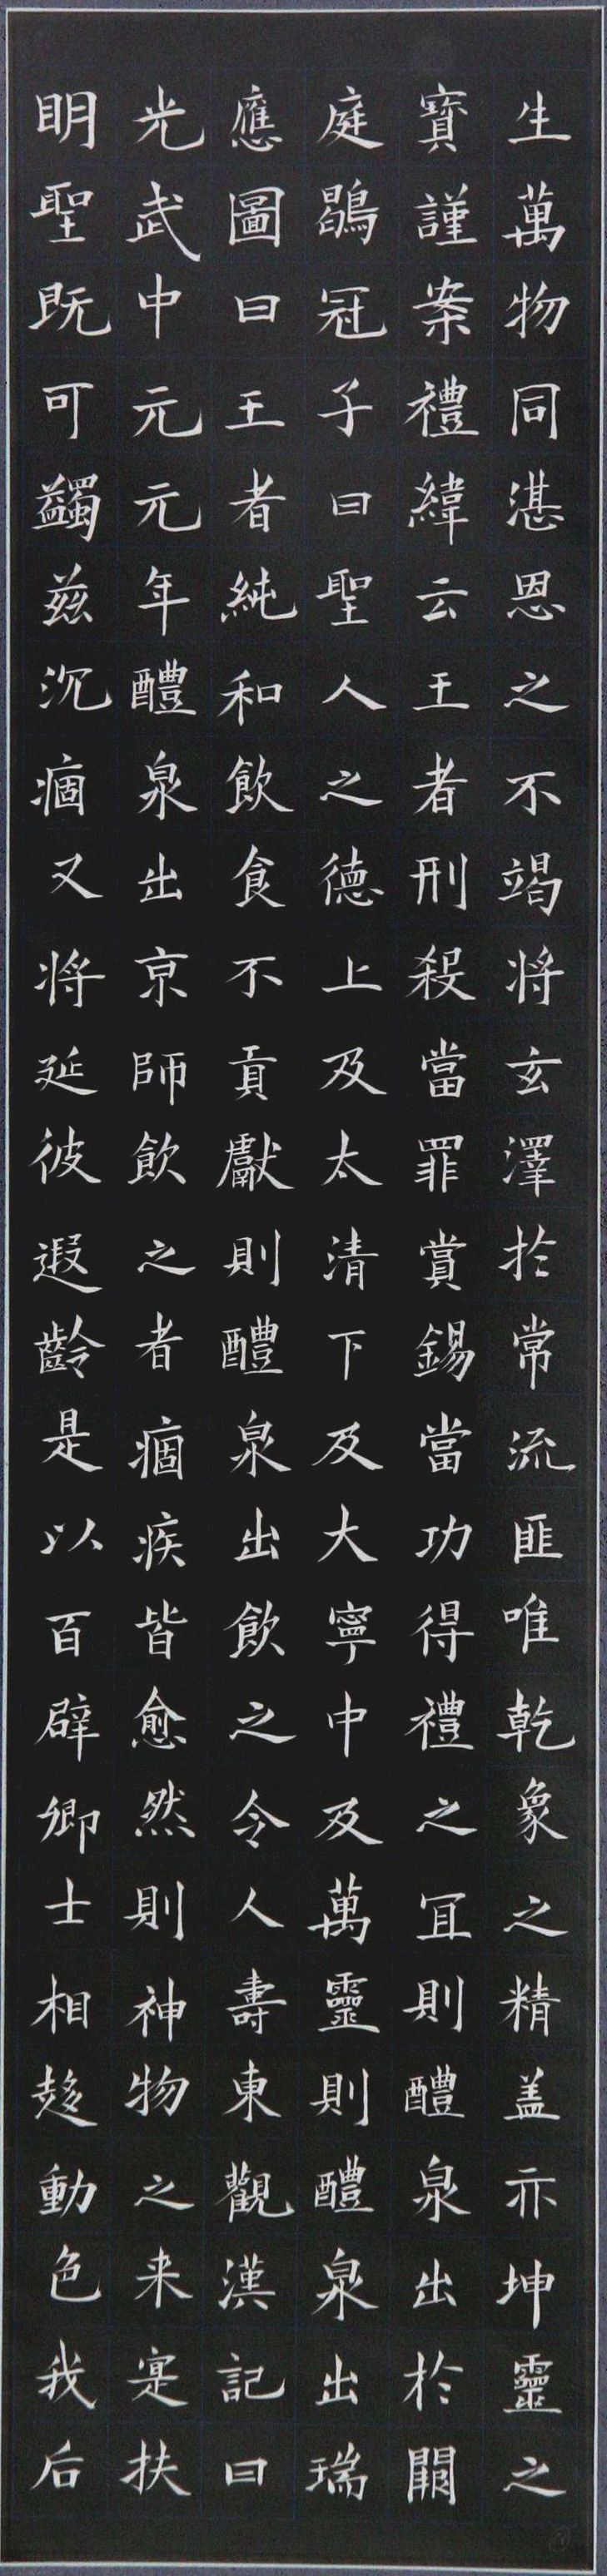 李笔戎( 6)_副本_副本_副本.jpg